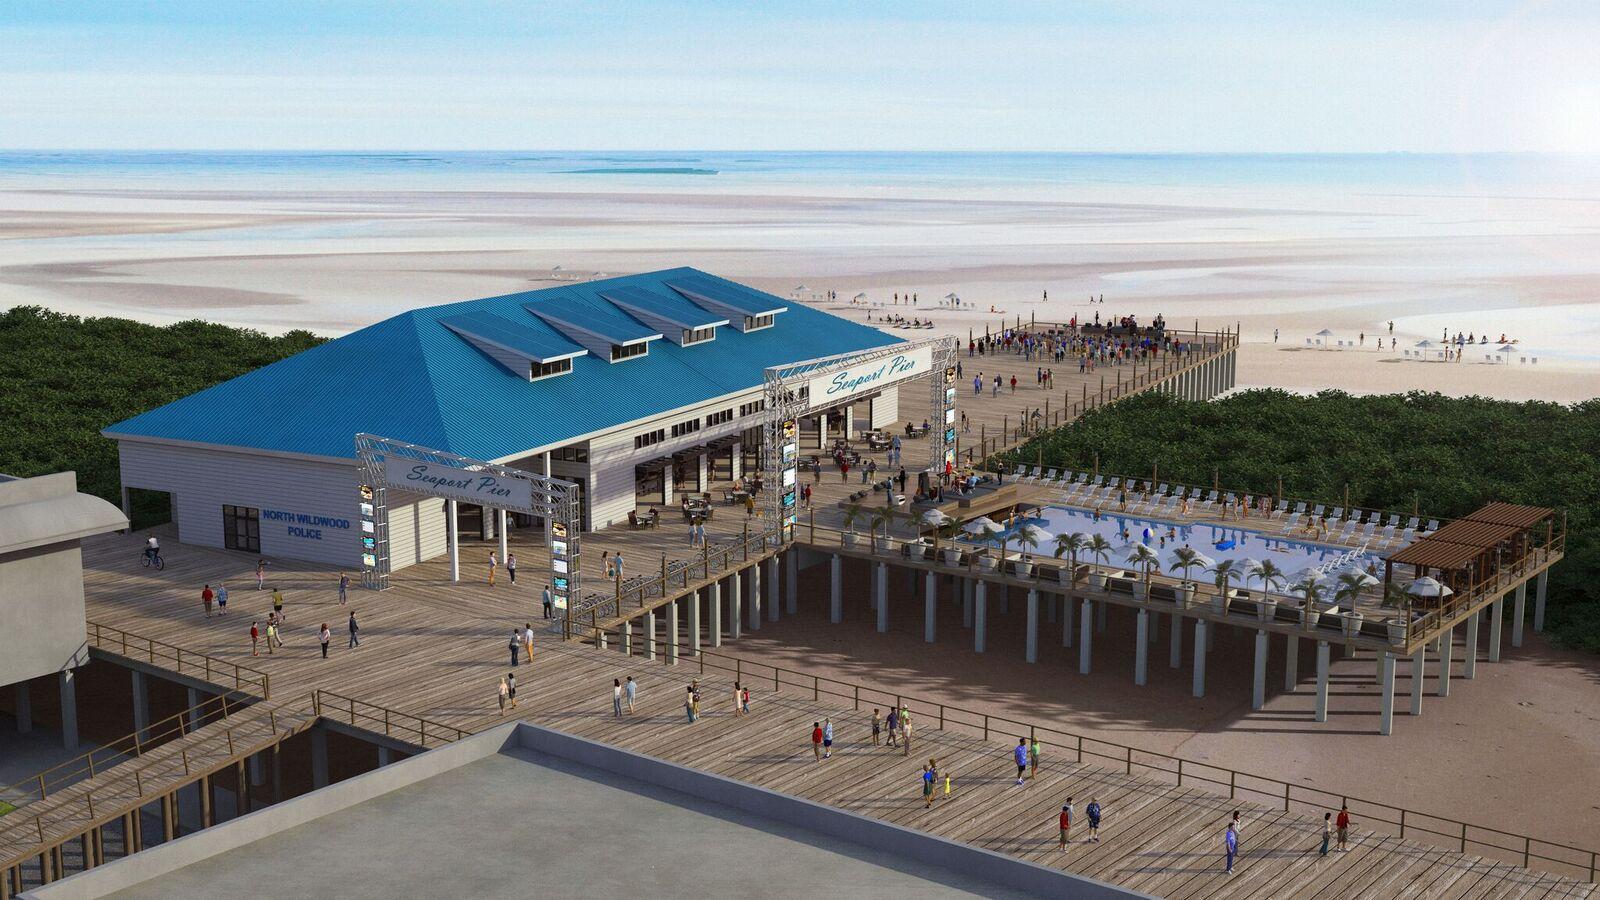 seaport pier rendering